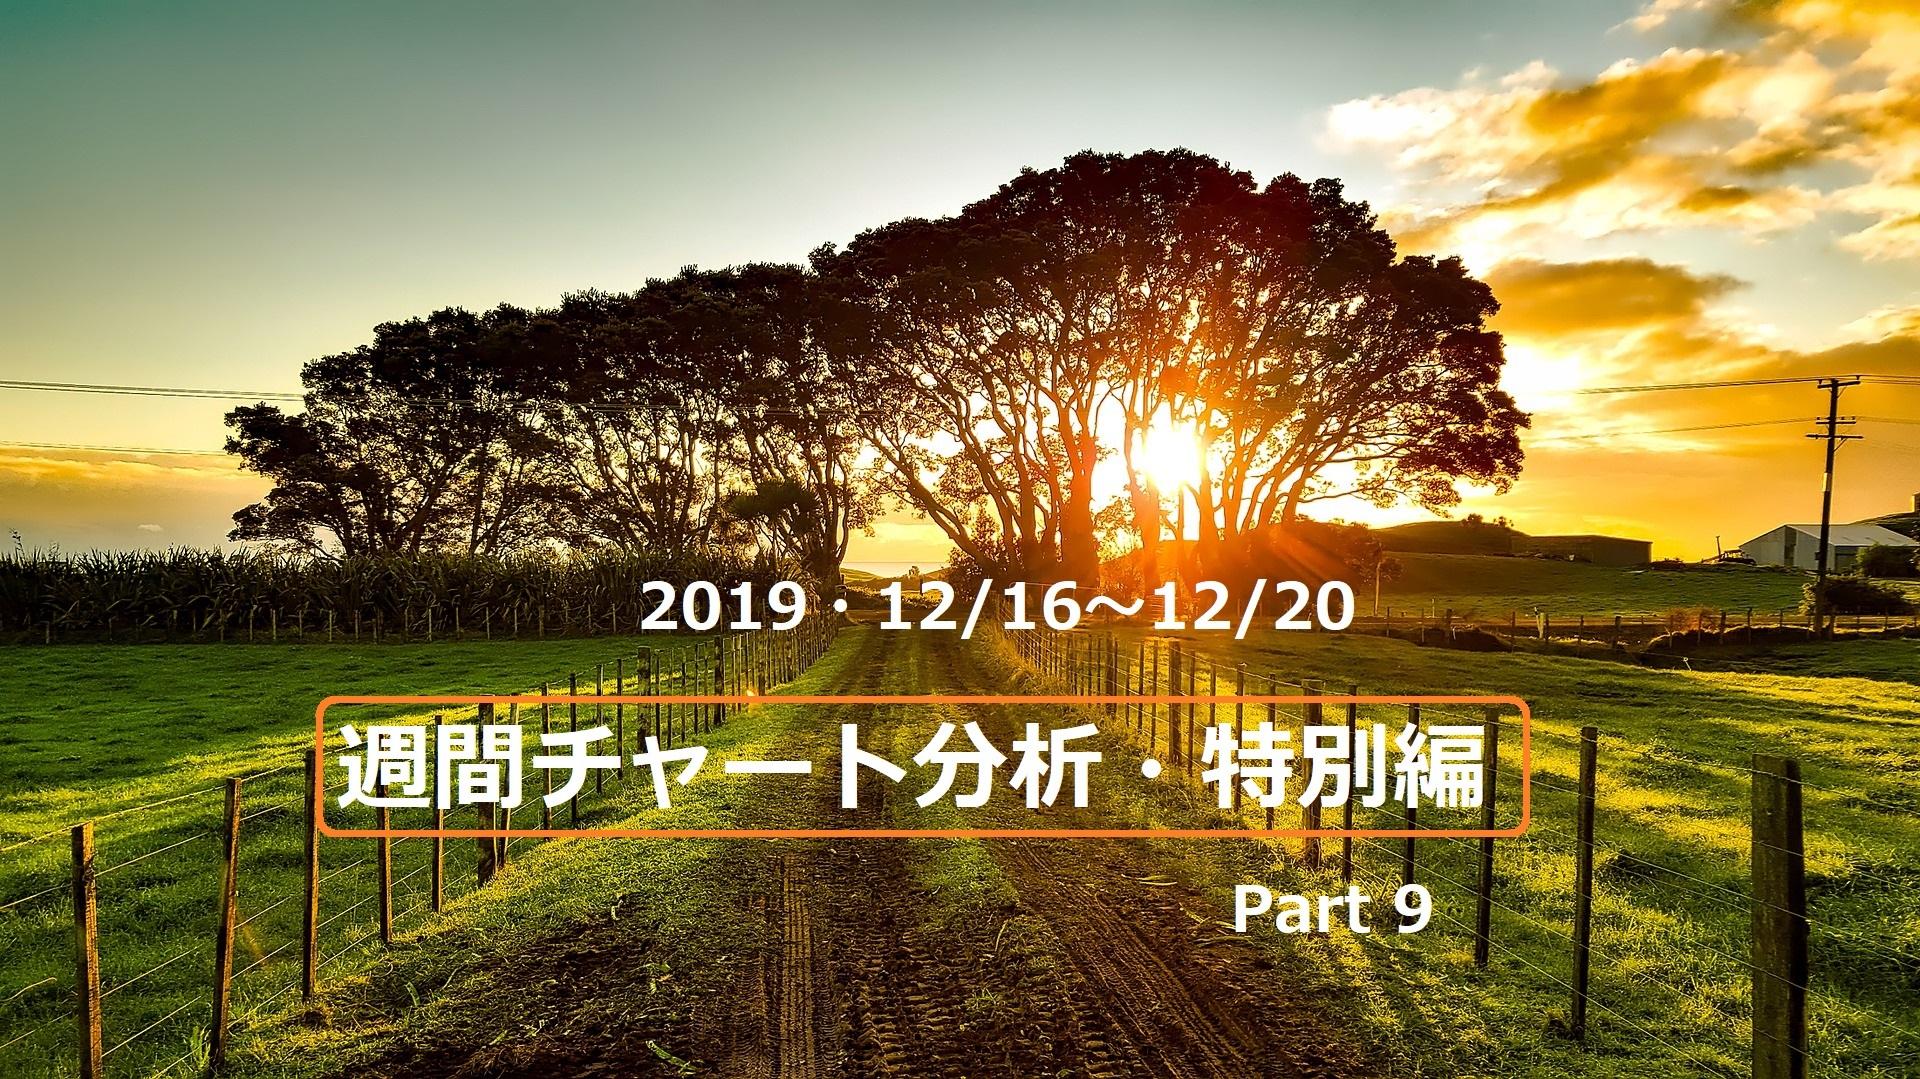 【FX】週間チャート分析・特別編Part9【2019・12/16~12/20】